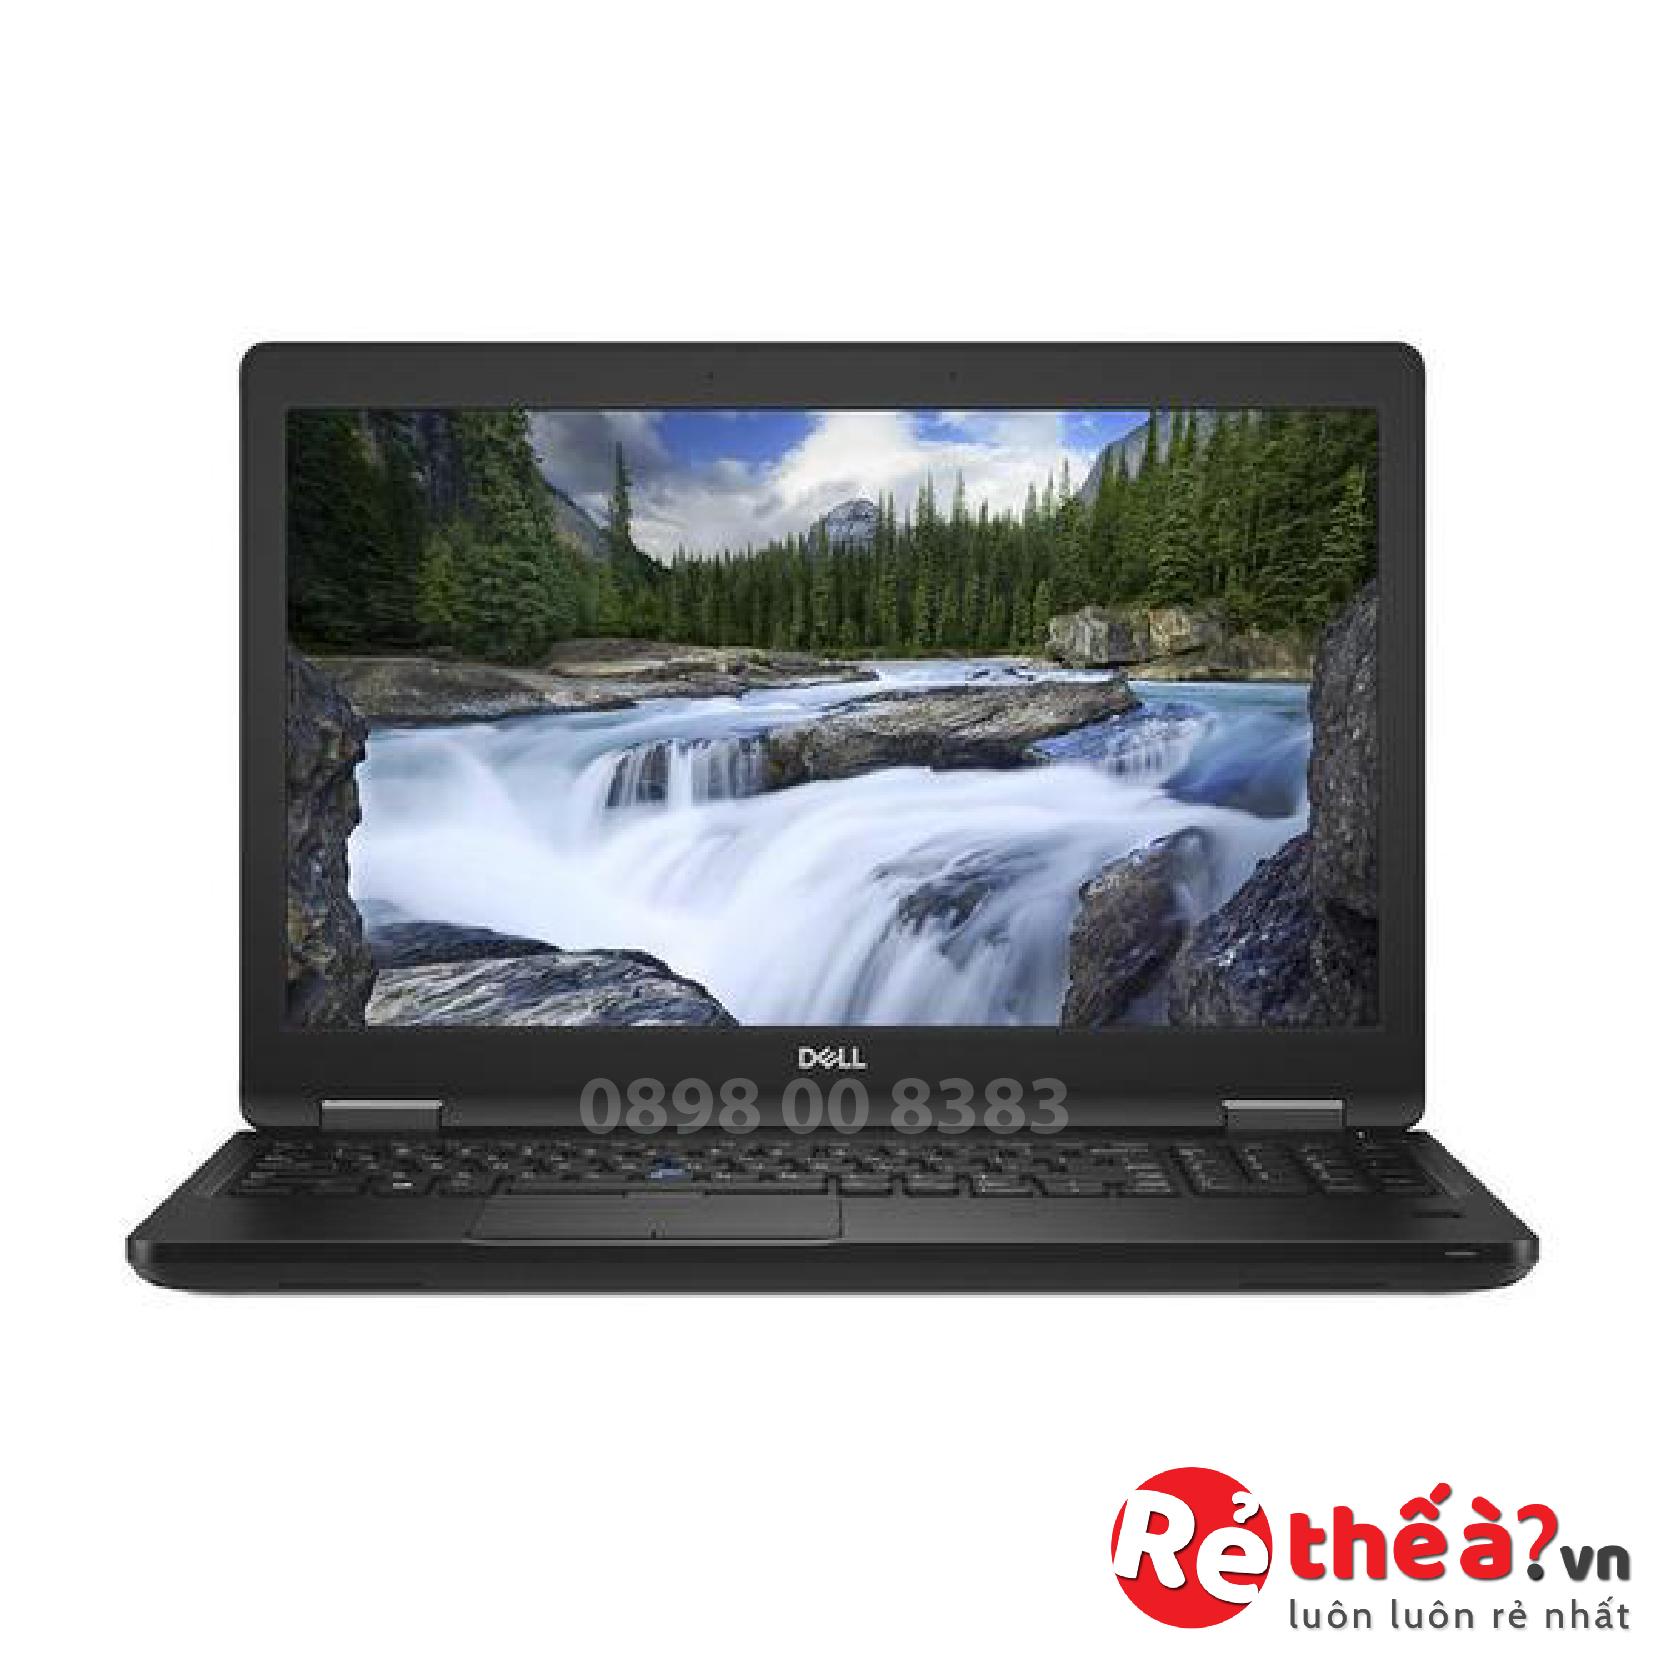 Laptop Dell Precision M3530